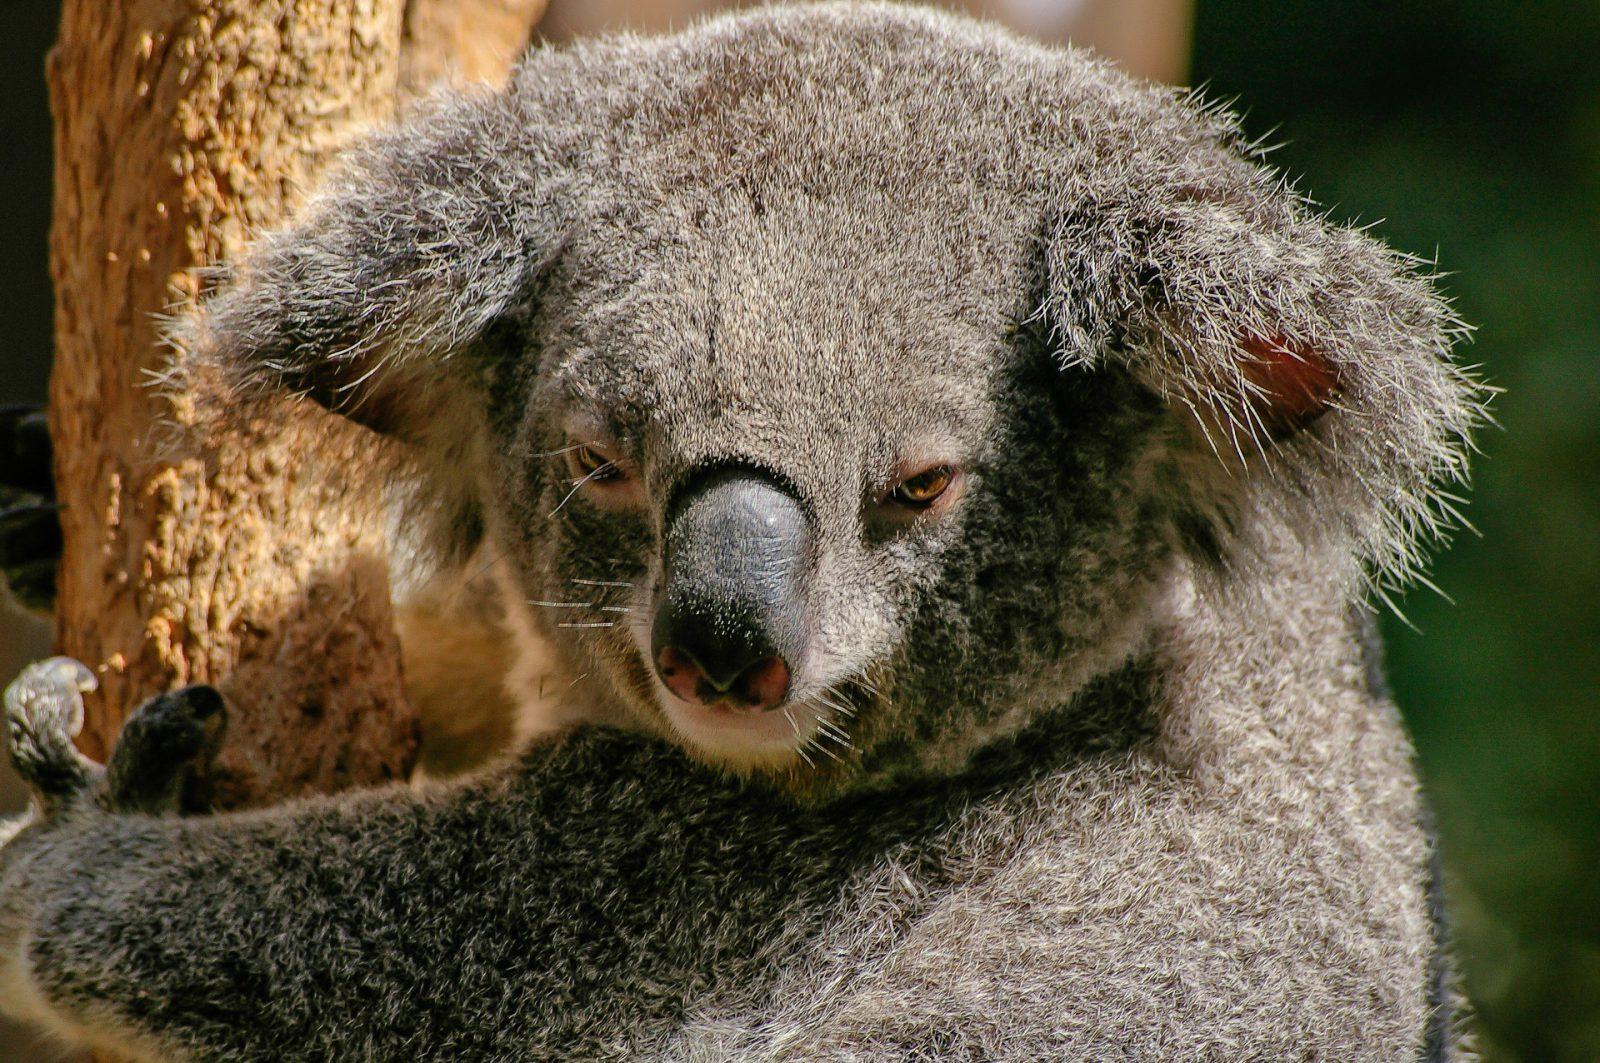 O coala é um animal originário da Austrália.